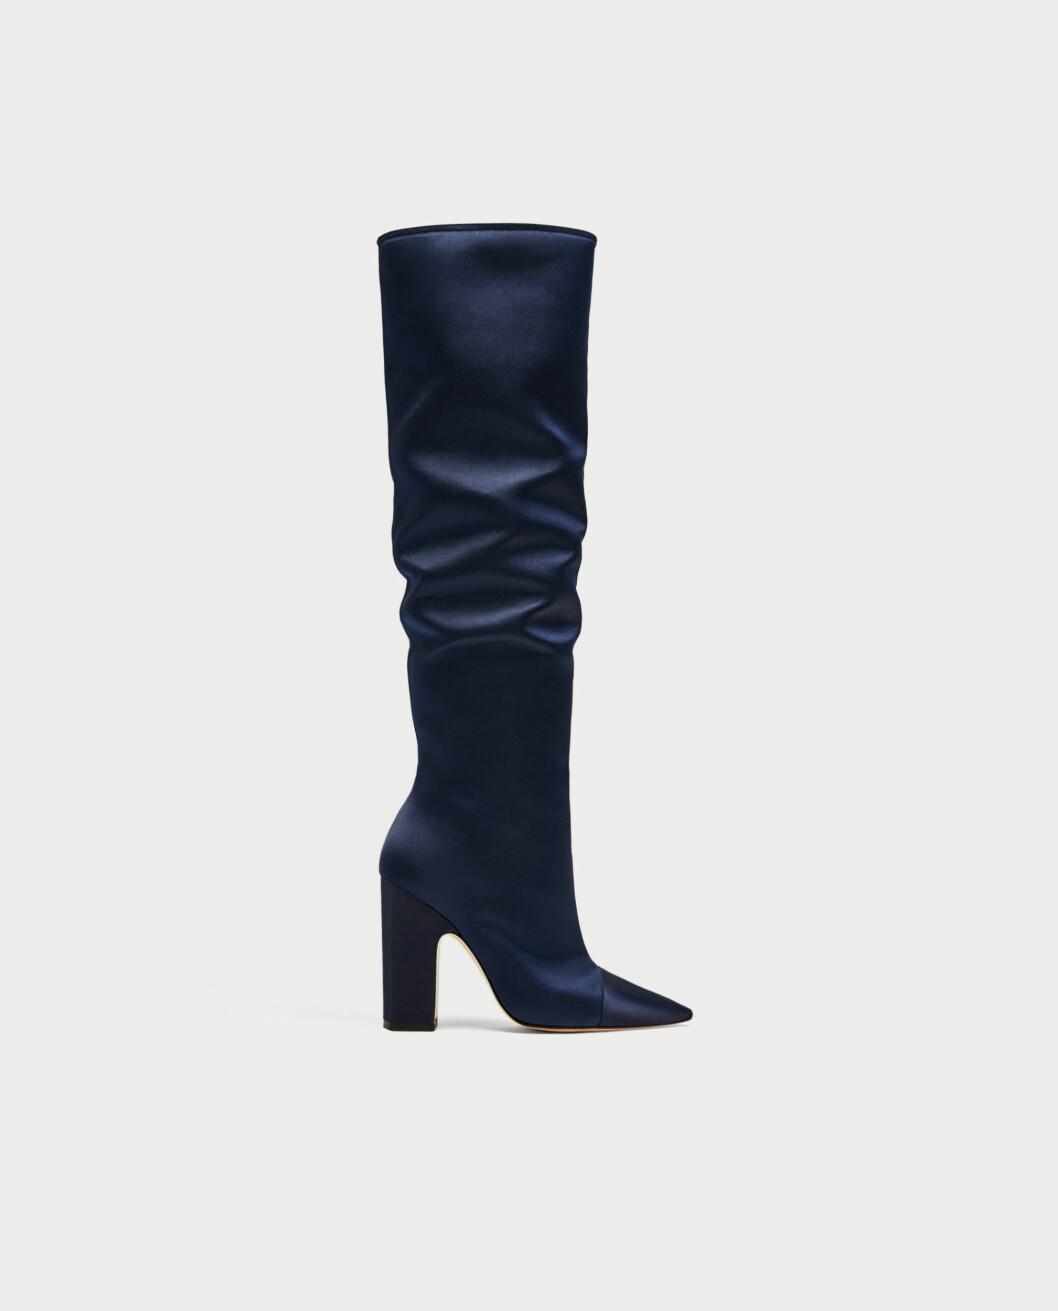 <strong>Sko fra Zara | kr 999 | https:</strong>//www.zara.com/no/no/dame/nyheter/h%C3%B8yh%C3%A6lt-st%C3%B8vel-i-sateng-c840002p4838056.html